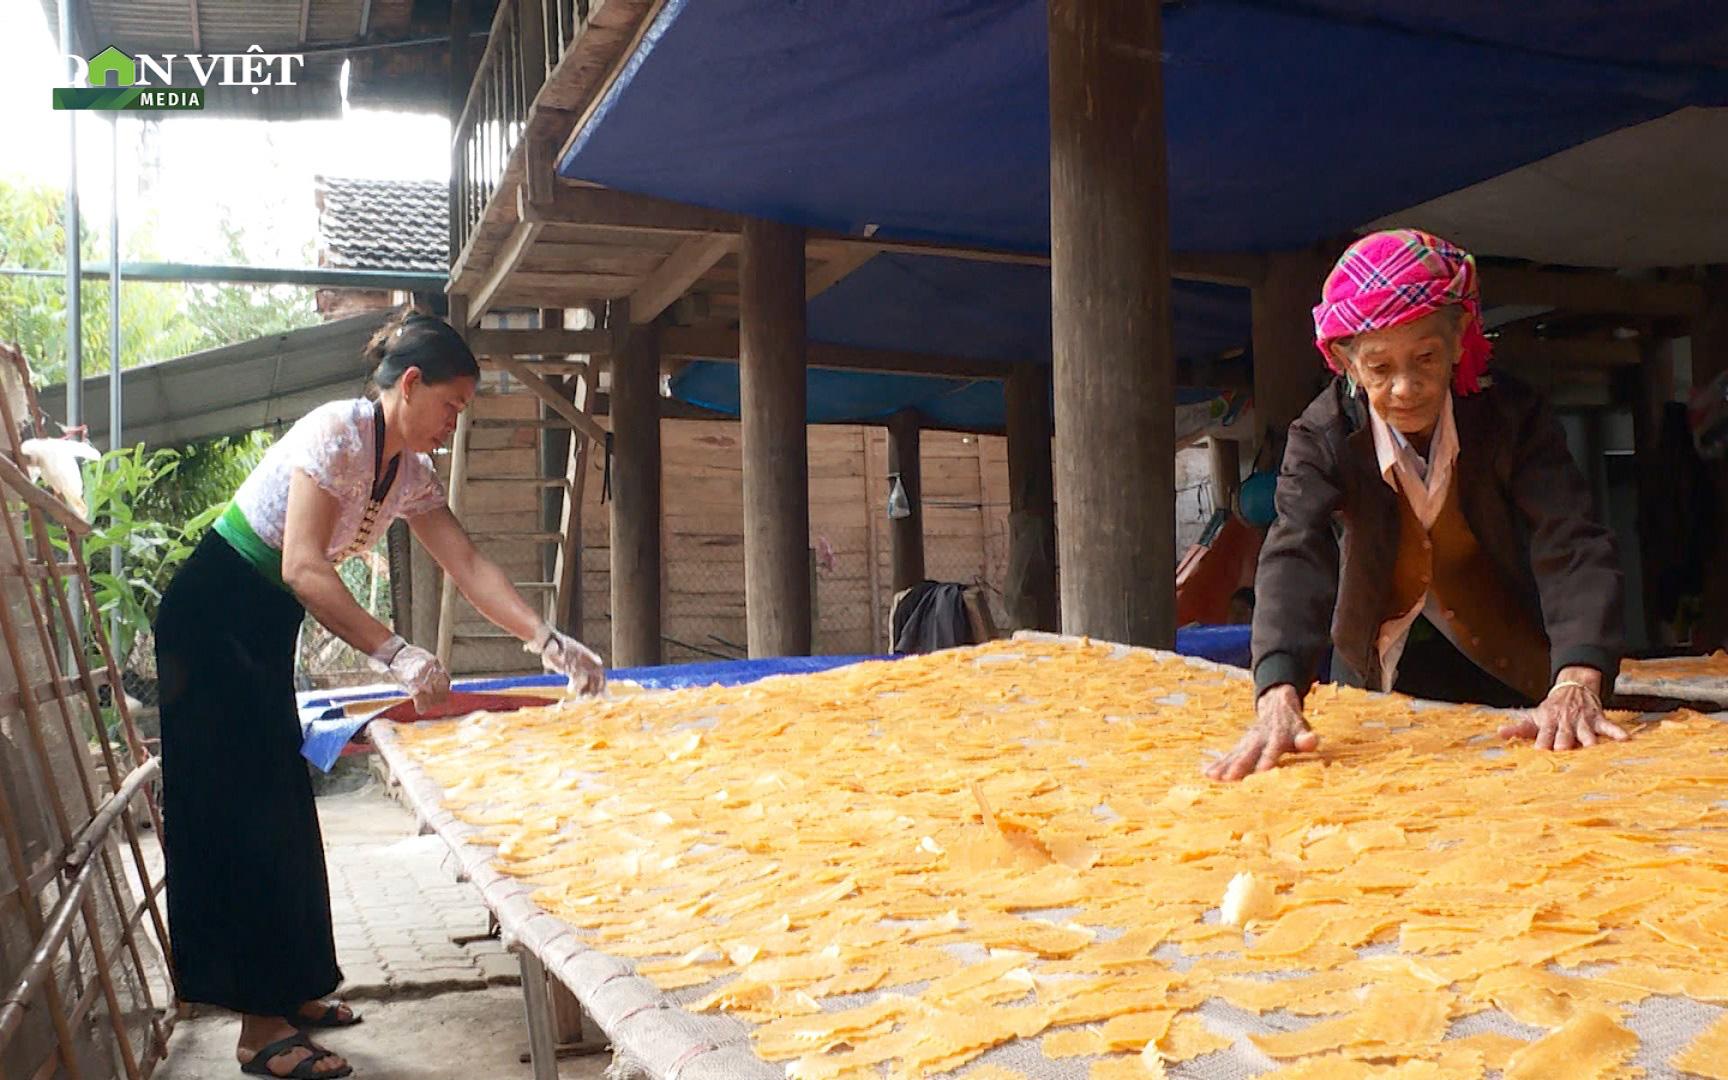 Điện Biên: Khẩu xén, khẩu chí chọp - đặc sản hương vị tết của đồng bào Thái trắng - Ảnh 3.